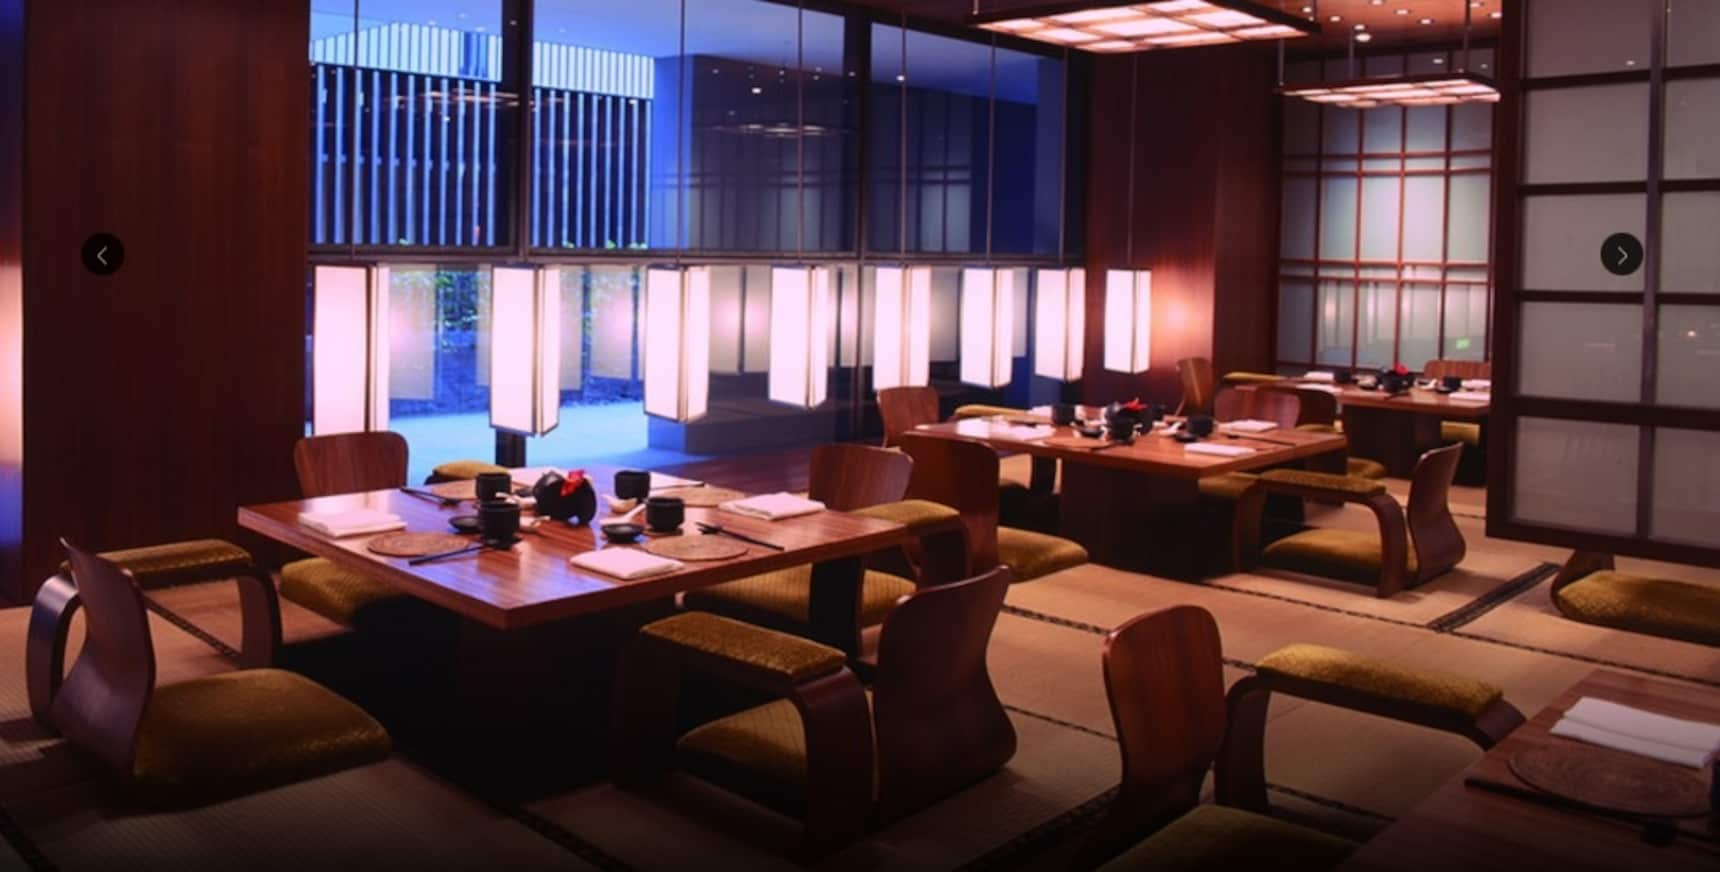 6 ข้อรู้ไว้ไม่อดตายเวลาเข้าร้านอาหารที่ญี่ปุ่น